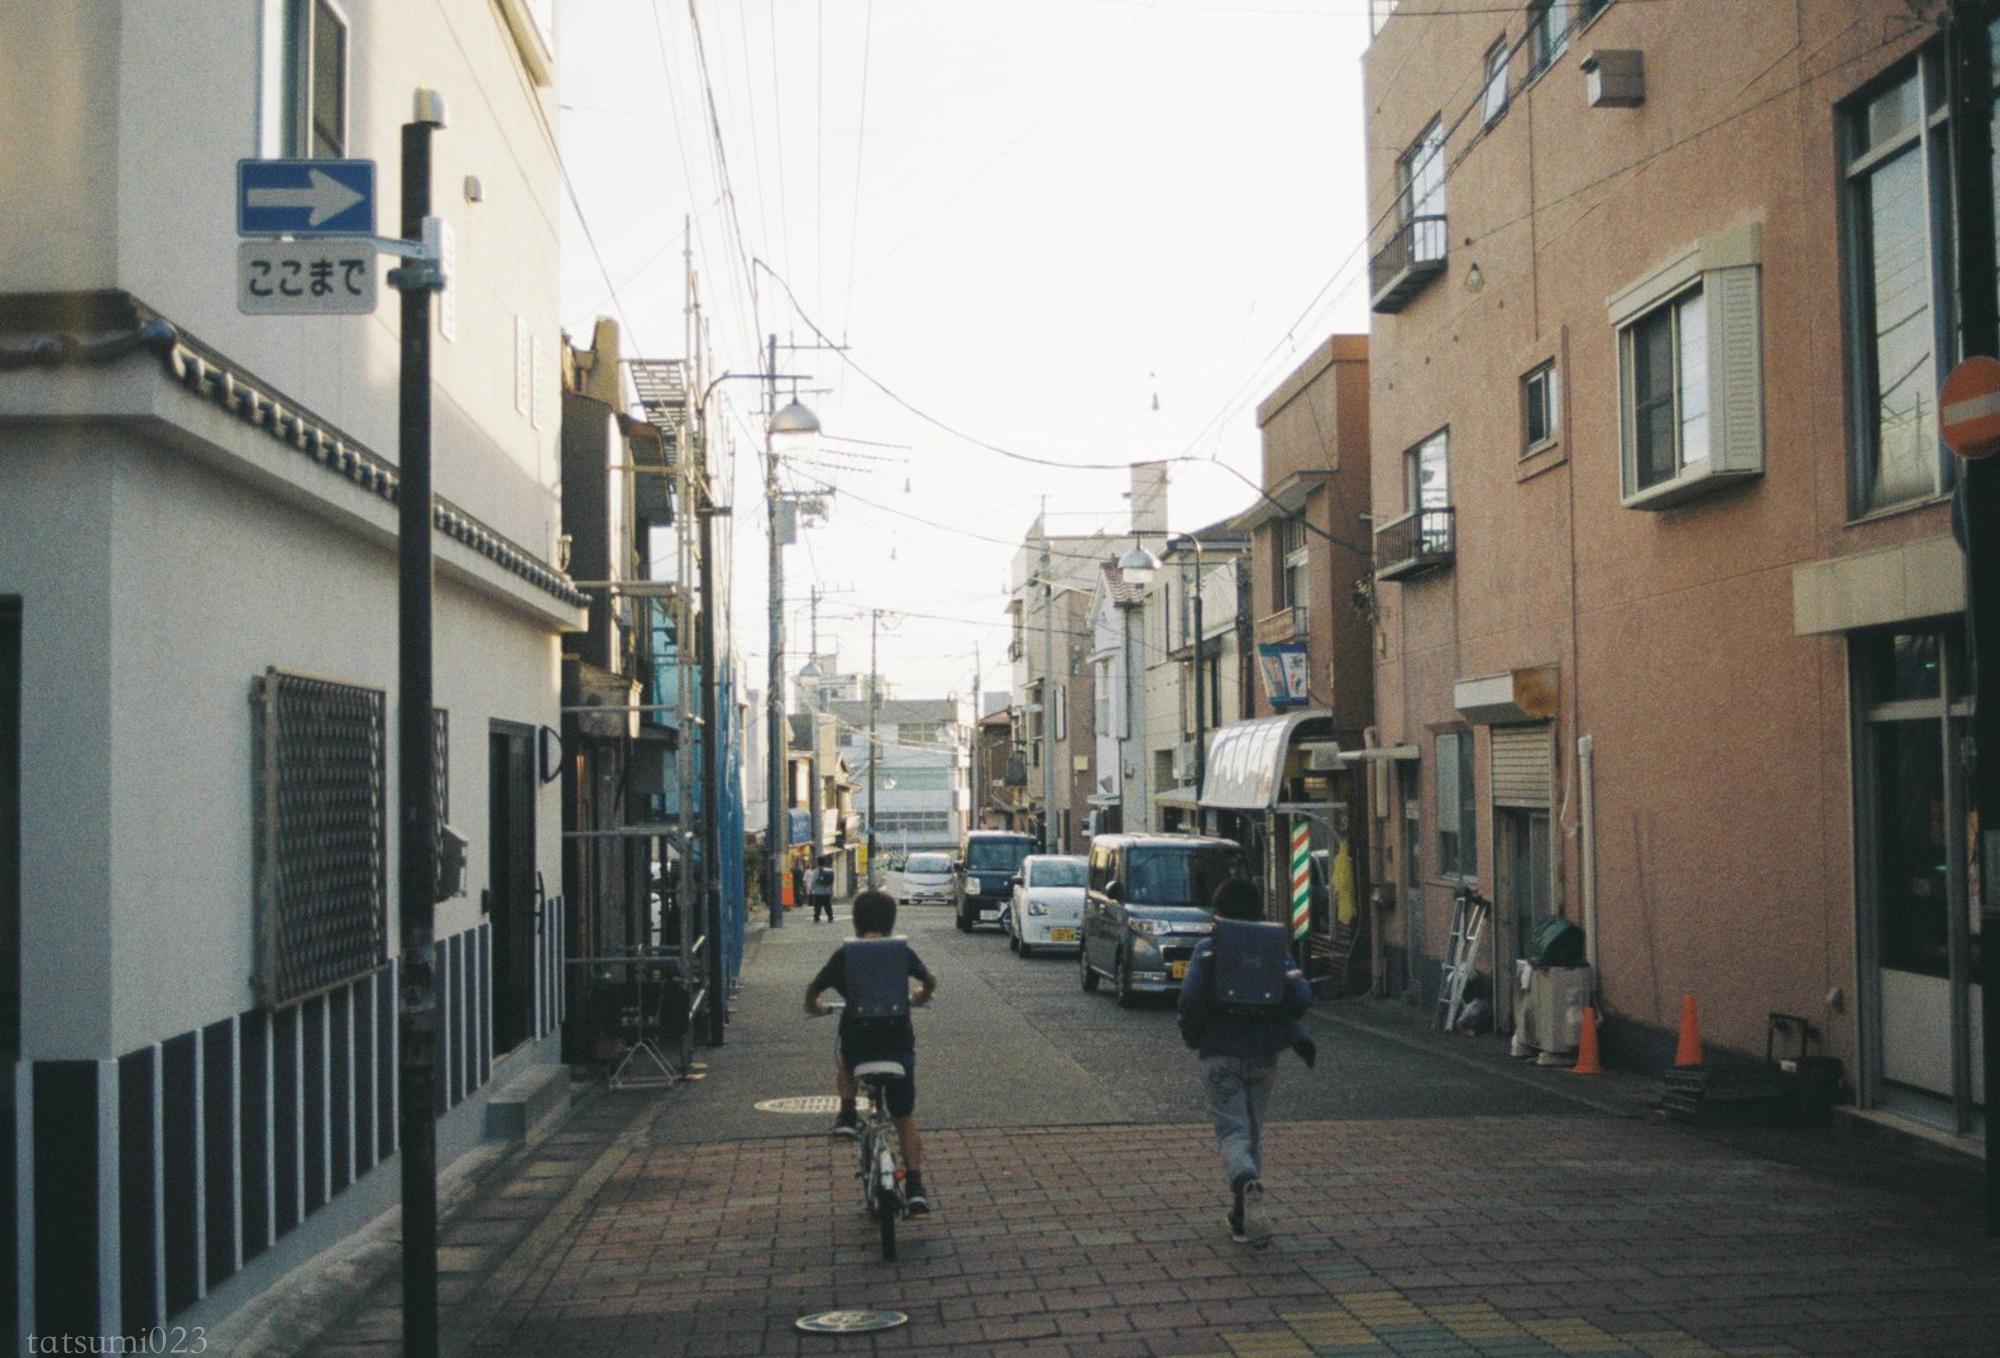 f:id:tatsumi023:20190118094245j:plain